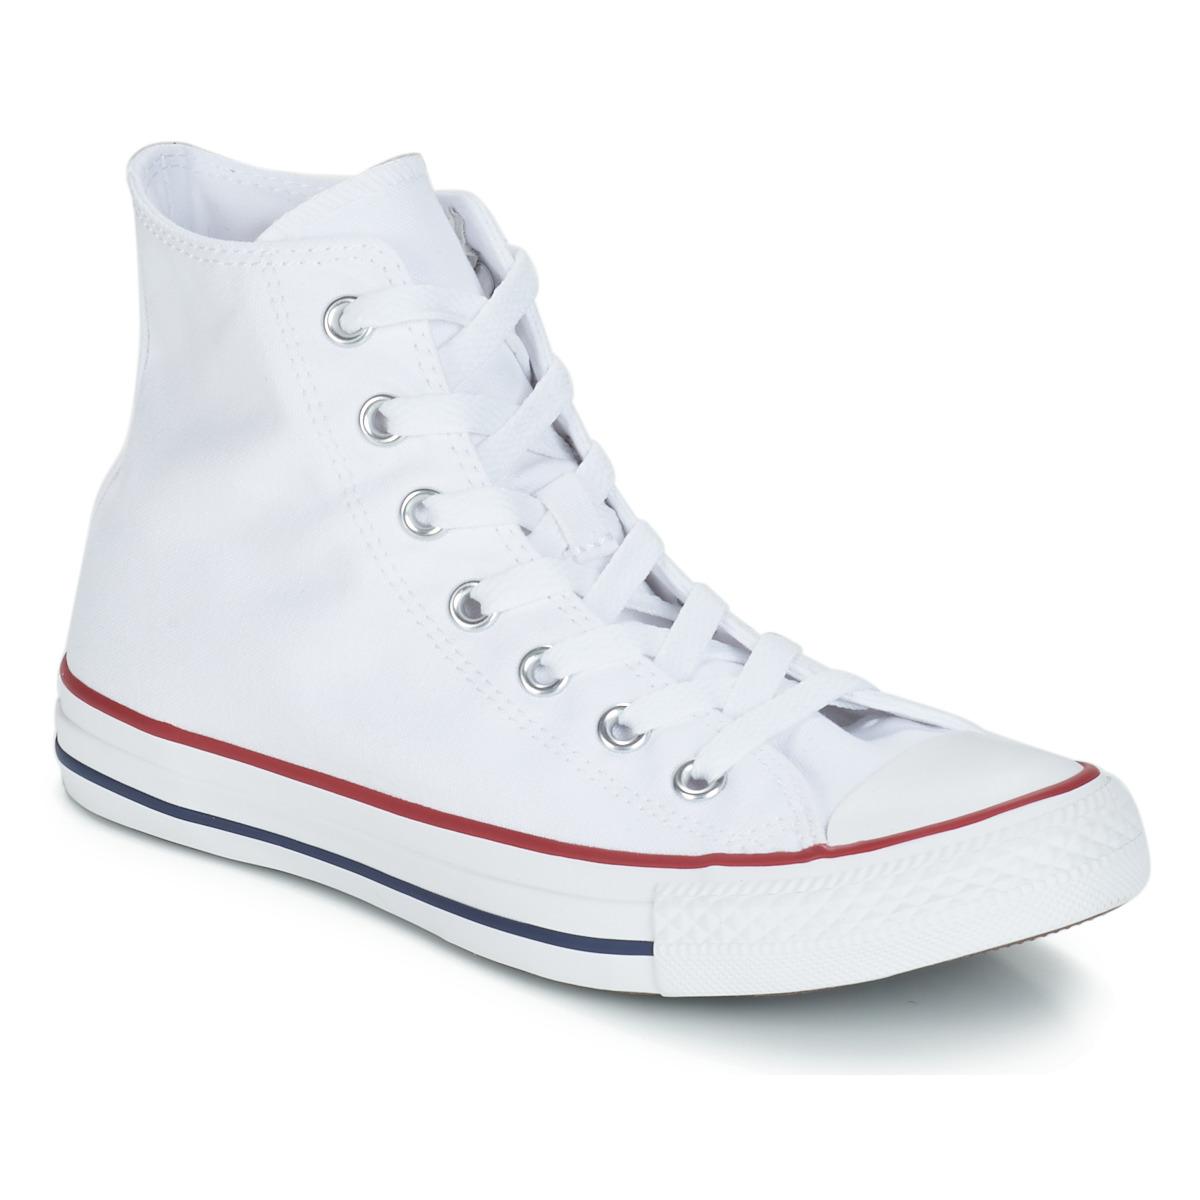 Converse CHUCK TAYLOR ALL STAR CORE HI Weiss - Kostenloser Versand bei Spartoode ! - Schuhe Sneaker High  55,99 €